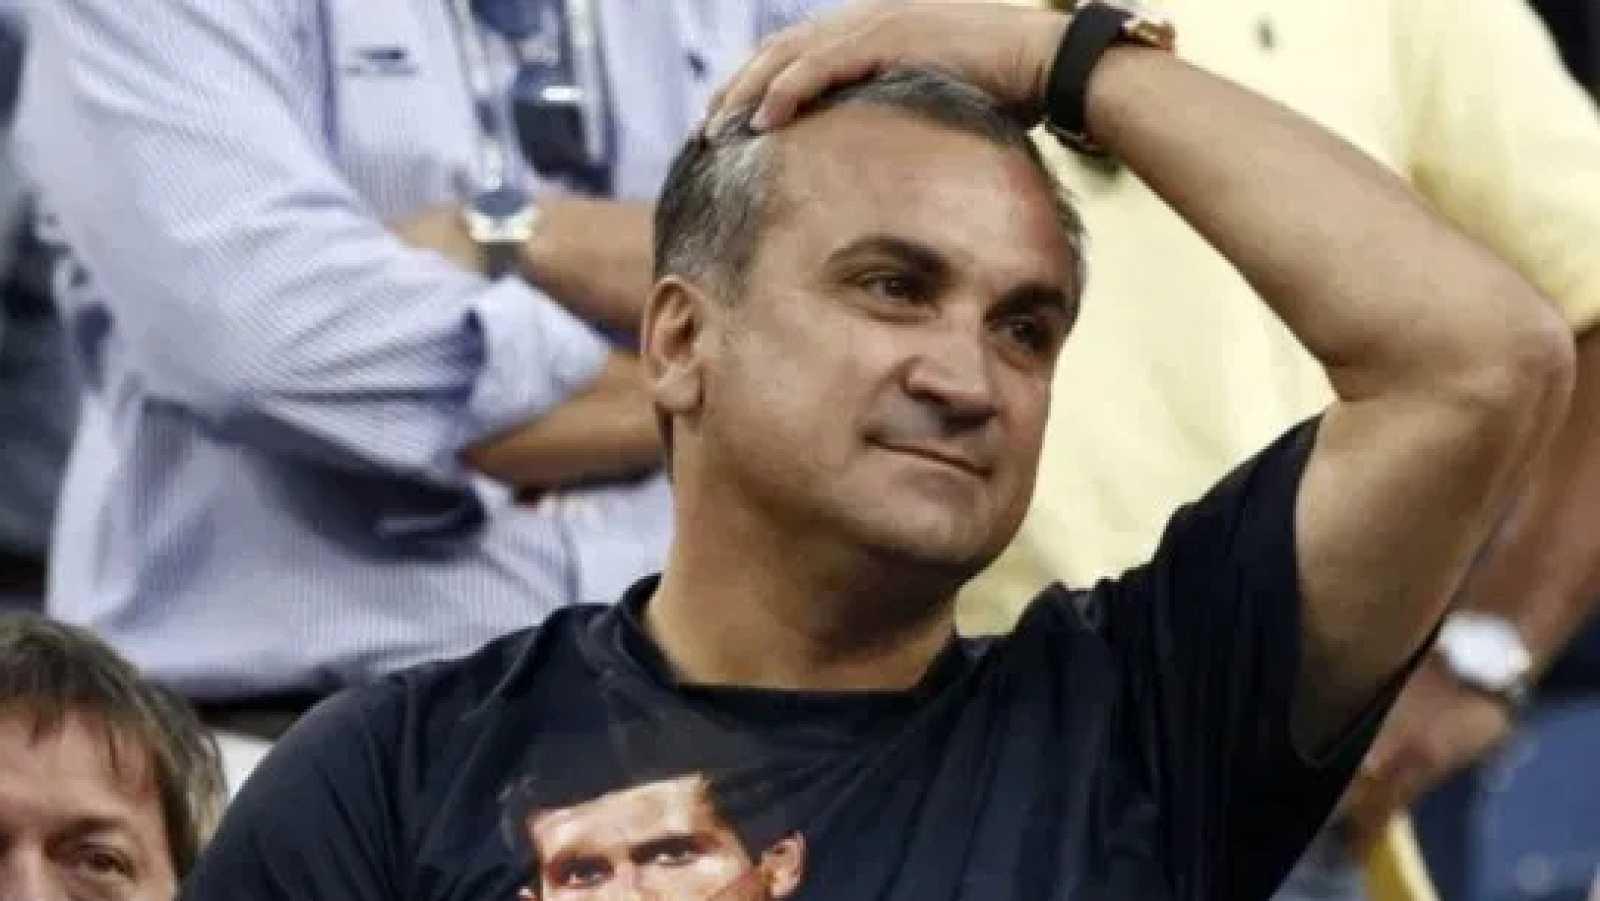 El padre de Djokovic acusa a Dimitrovic como responsable de los contagios en el torneo de su hijo